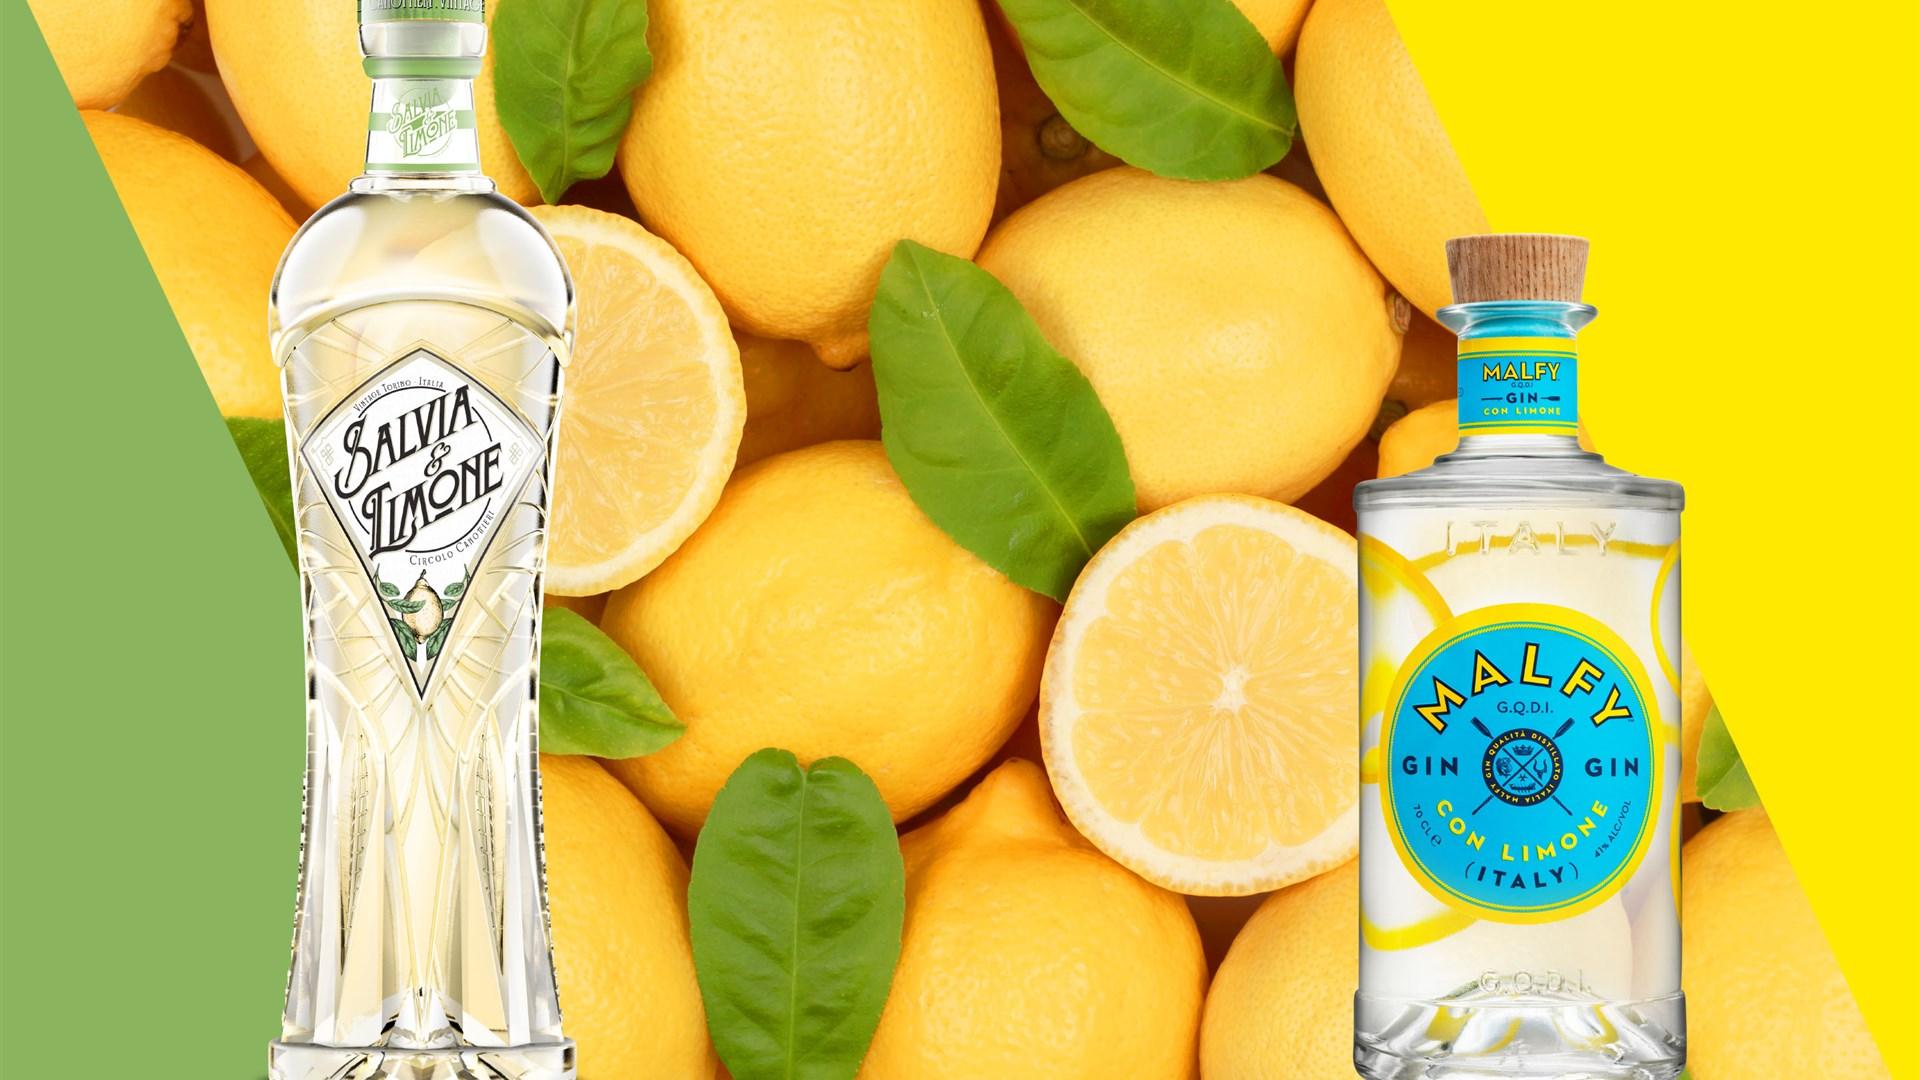 Legge di limone risalente